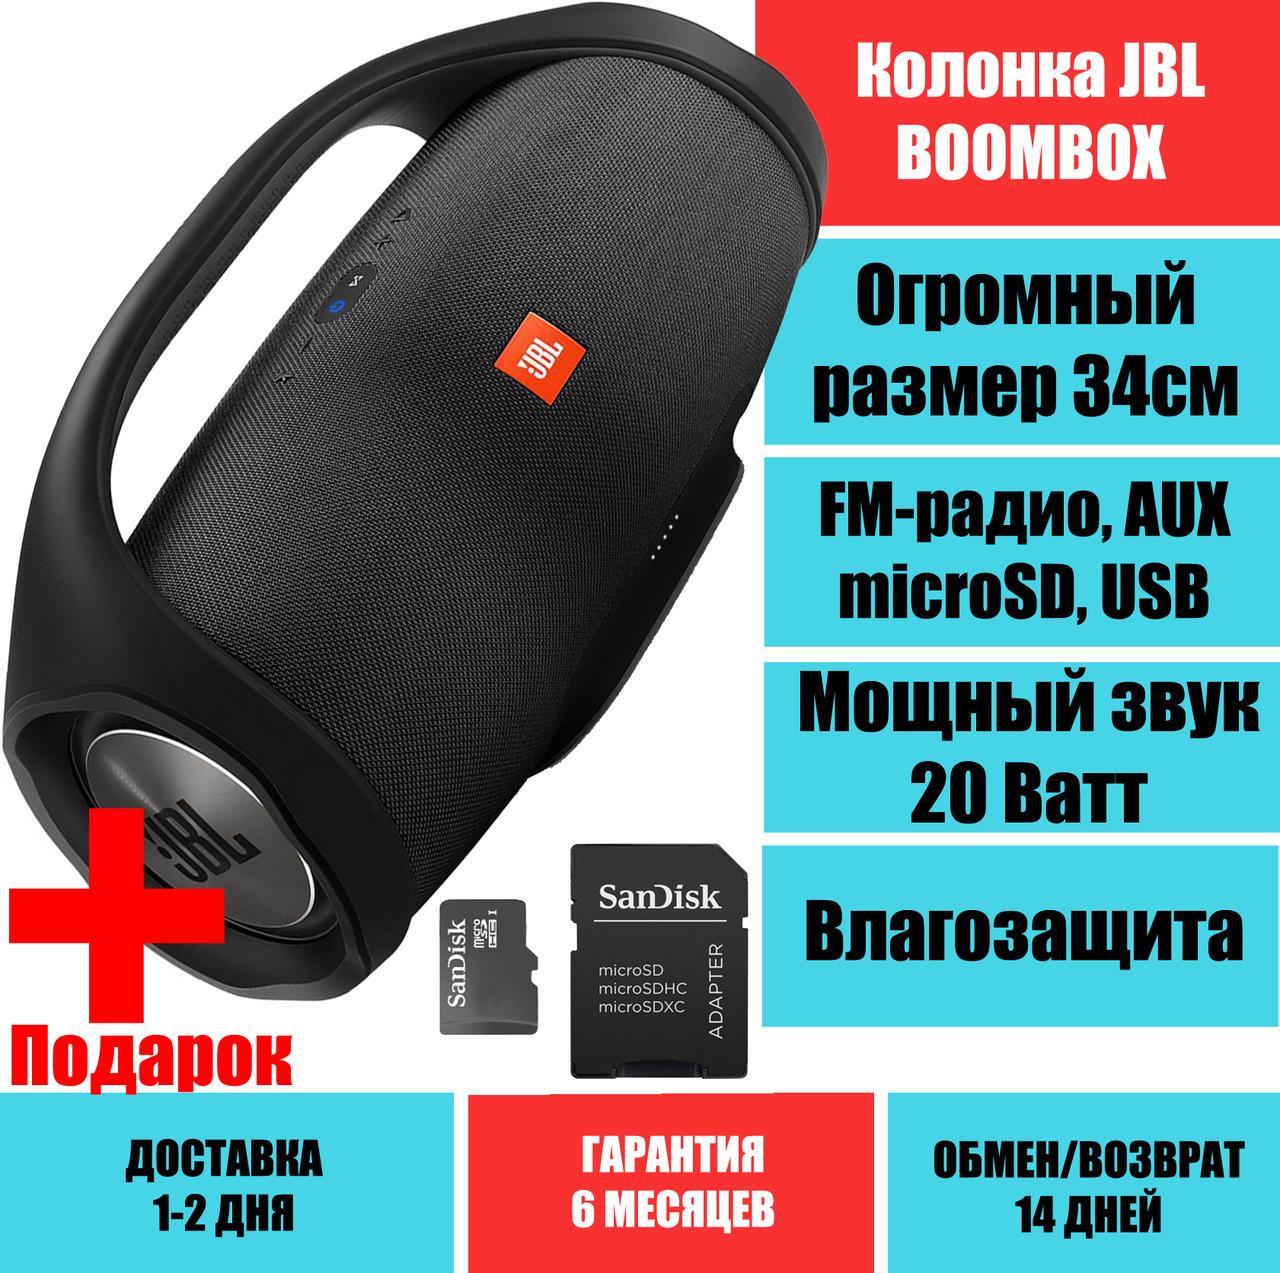 Колонка JBL Boombox Большая Bluetooth FM MP3 AUX USB microSD, PowerBank, 2*20W Quality Replica + подарок